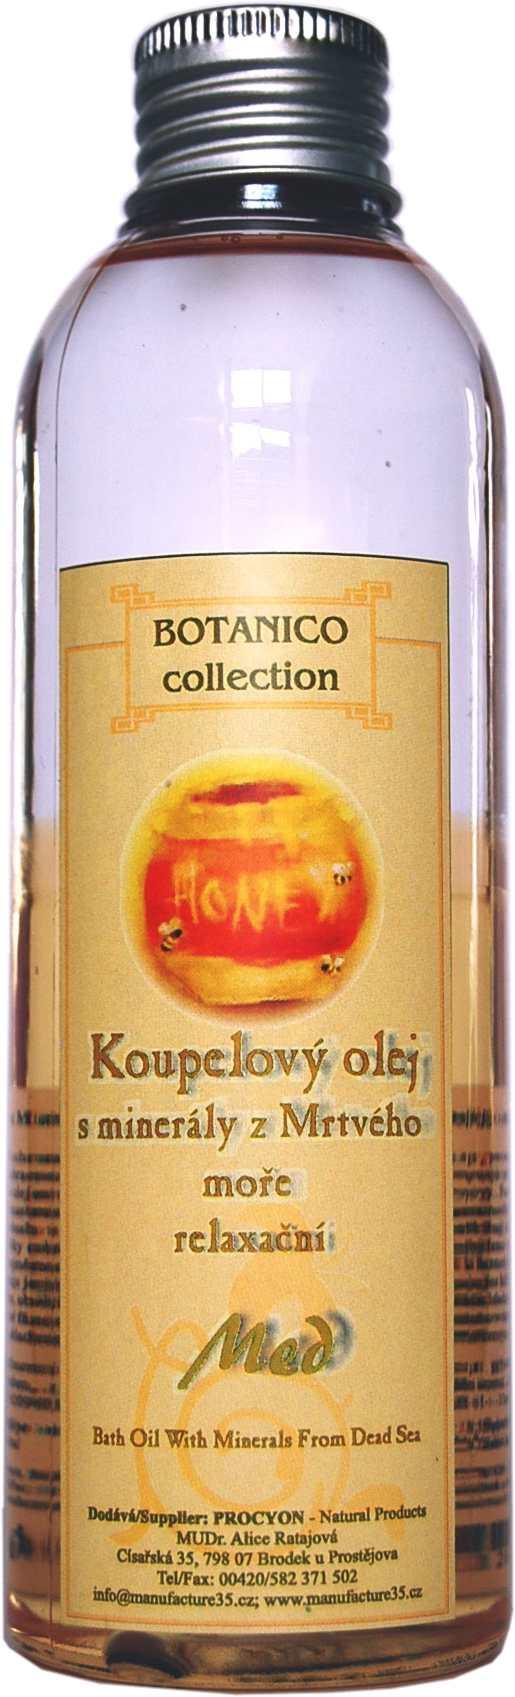 Med-Koupelový olej dvoufázový s minerály mrtvého moře relaxační 200ml